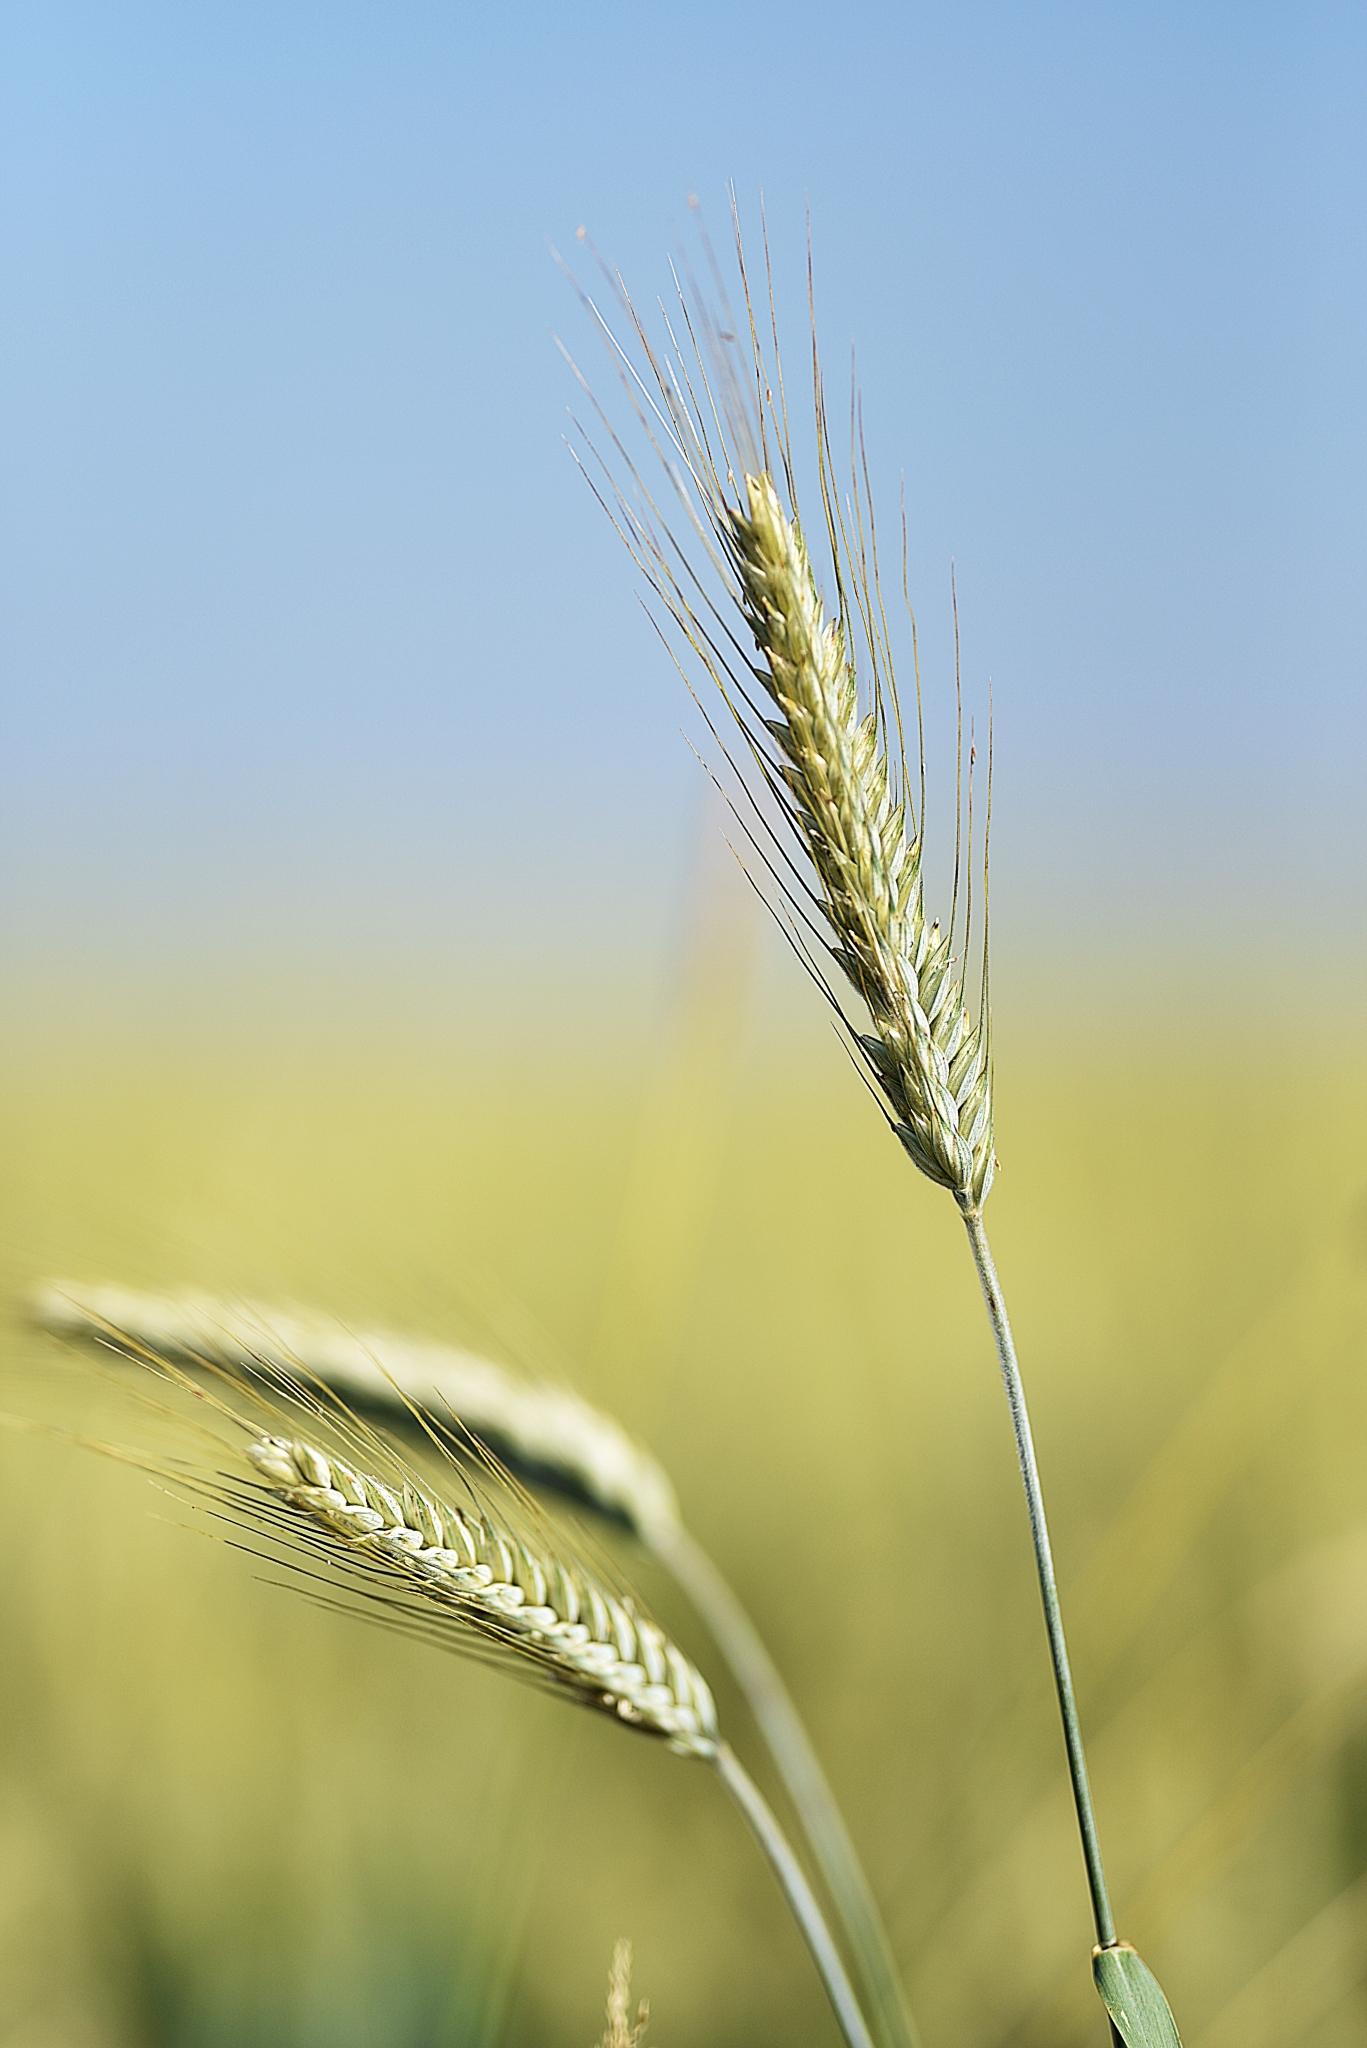 BAUER Jean-Maurice - Expo 2018 - Projection 3 - Le blé est prêt à être récolté